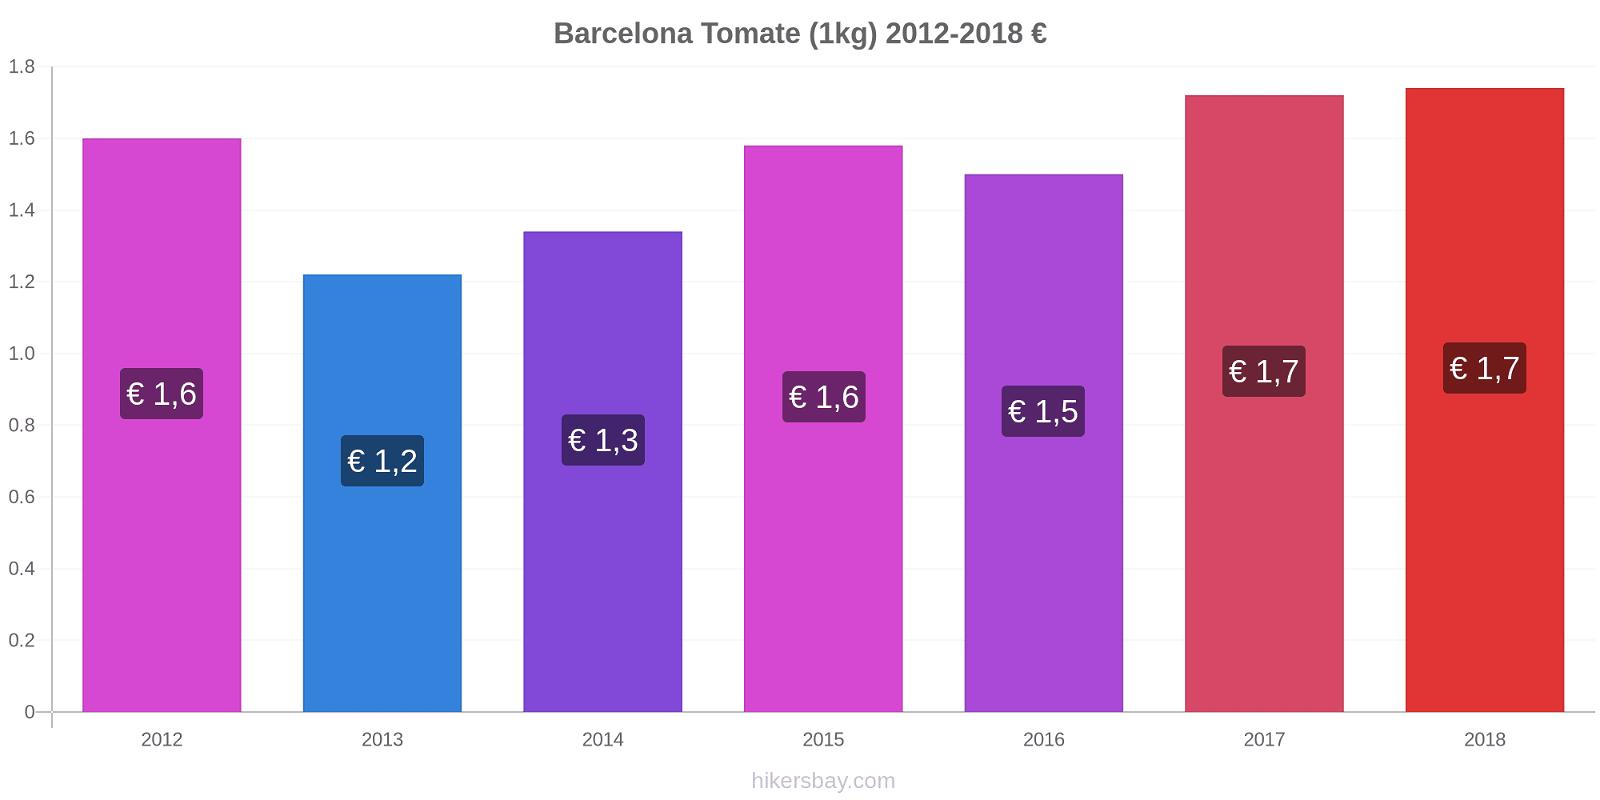 Barcelona variação de preço Tomate (1kg) hikersbay.com